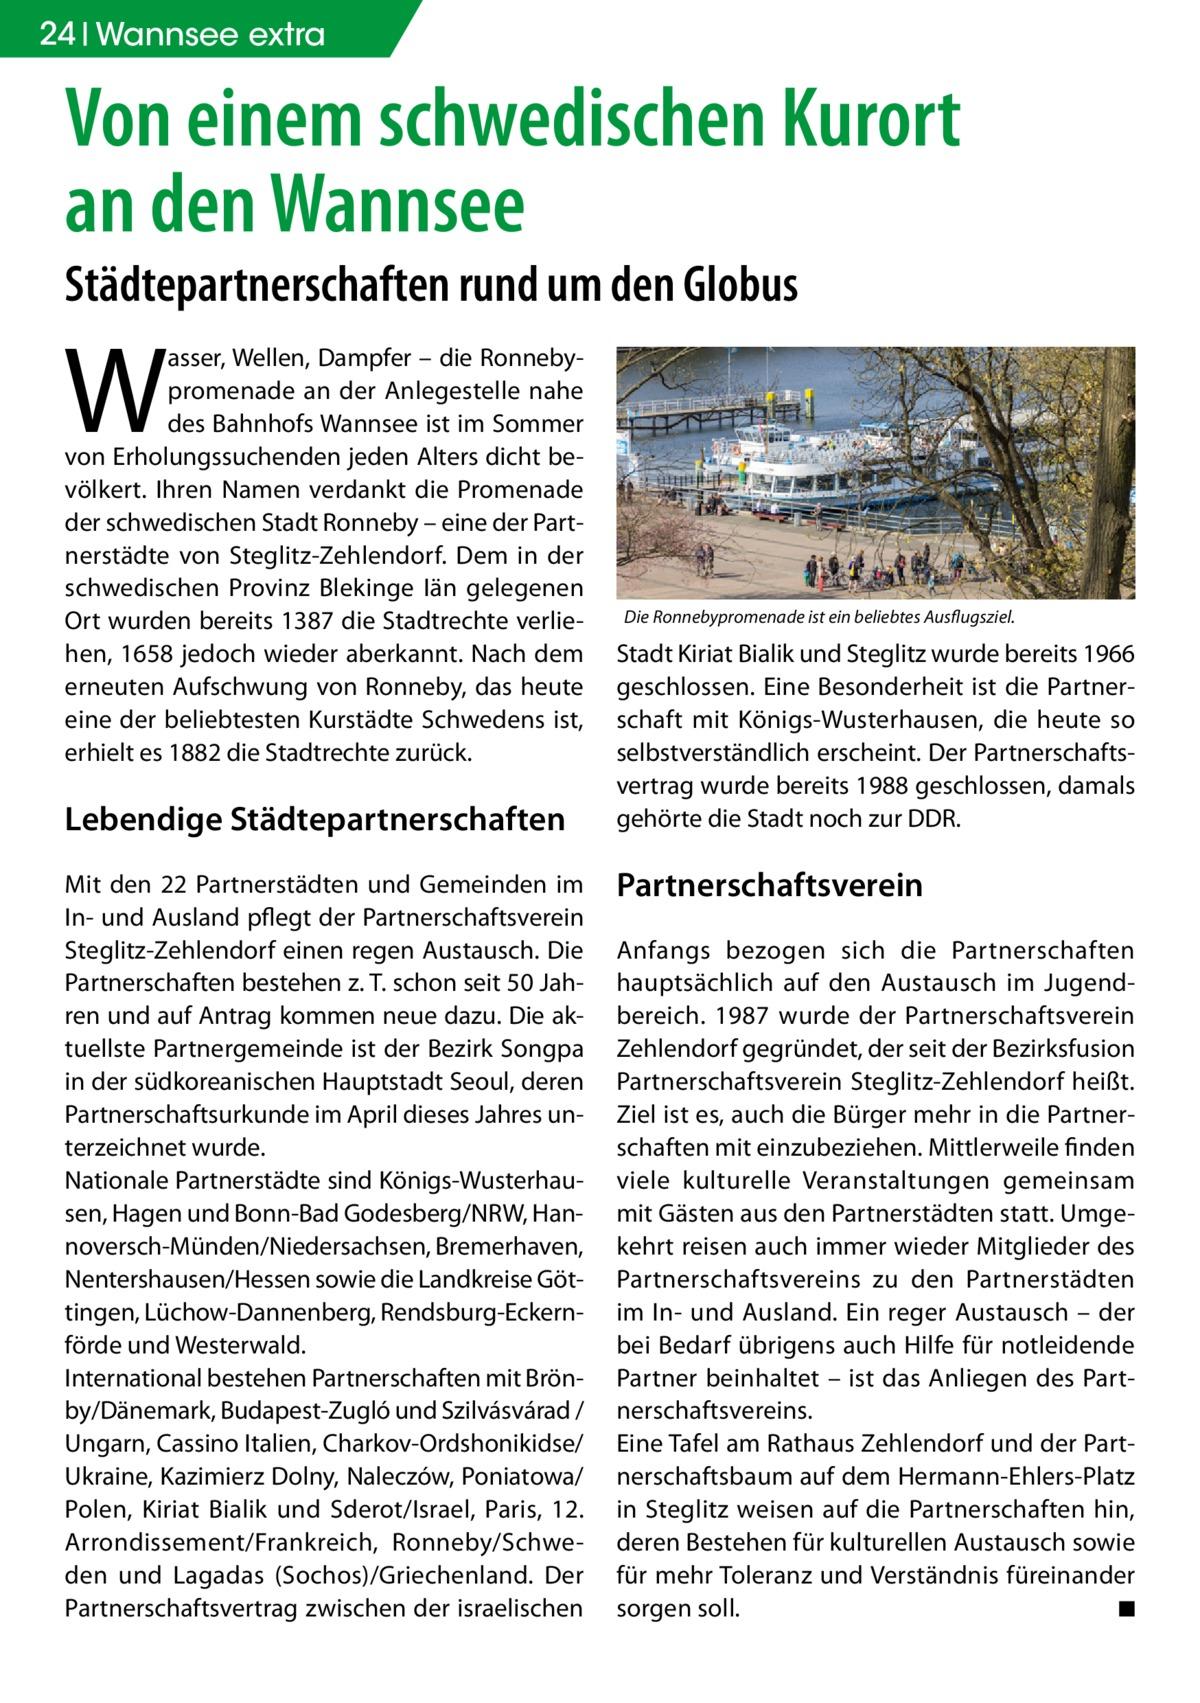 24 Wannsee extra  Von einem schwedischen Kurort an den Wannsee Städtepartnerschaften rund um den Globus  W  asser, Wellen, Dampfer – die Ronnebypromenade an der Anlegestelle nahe des Bahnhofs Wannsee ist im Sommer von Erholungssuchenden jeden Alters dicht bevölkert. Ihren Namen verdankt die Promenade der schwedischen Stadt Ronneby – eine der Partnerstädte von Steglitz-Zehlendorf. Dem in der schwedischen Provinz Blekinge Iän gelegenen Ort wurden bereits 1387 die Stadtrechte verliehen, 1658 jedoch wieder aberkannt. Nach dem erneuten Aufschwung von Ronneby, das heute eine der beliebtesten Kurstädte Schwedens ist, erhielt es 1882 die Stadtrechte zurück.  Lebendige Städtepartnerschaften Mit den 22 Partnerstädten und Gemeinden im In- und Ausland pflegt der Partnerschaftsverein Steglitz-Zehlendorf einen regen Austausch. Die Partnerschaften bestehen z. T. schon seit 50 Jahren und auf Antrag kommen neue dazu. Die aktuellste Partnergemeinde ist der Bezirk Songpa in der südkoreanischen Hauptstadt Seoul, deren Partnerschaftsurkunde im April dieses Jahres unterzeichnet wurde. Nationale Partnerstädte sind Königs-Wusterhausen, Hagen und Bonn-Bad Godesberg/NRW, Hannoversch-Münden/Niedersachsen, Bremerhaven, Nentershausen/Hessen sowie die Landkreise Göttingen, Lüchow-Dannenberg, Rendsburg-Eckernförde und Westerwald. International bestehen Partnerschaften mit Brönby/Dänemark, Budapest-Zugló und Szilvásvárad / Ungarn, Cassino Italien, Charkov-Ordshonikidse/ Ukraine, Kazimierz Dolny, Naleczów, Poniatowa/ Polen, Kiriat Bialik und Sderot/Israel, Paris, 12. Arrondissement/Frankreich, Ronneby/Schweden und Lagadas (Sochos)/Griechenland. Der Partnerschaftsvertrag zwischen der israelischen  Die Ronnebypromenade ist ein beliebtes Ausflugsziel.  Stadt Kiriat Bialik und Steglitz wurde bereits 1966 geschlossen. Eine Besonderheit ist die Partnerschaft mit Königs-Wusterhausen, die heute so selbstverständlich erscheint. Der Partnerschaftsvertrag wurde bereits 1988 geschlossen, damals gehörte die Sta